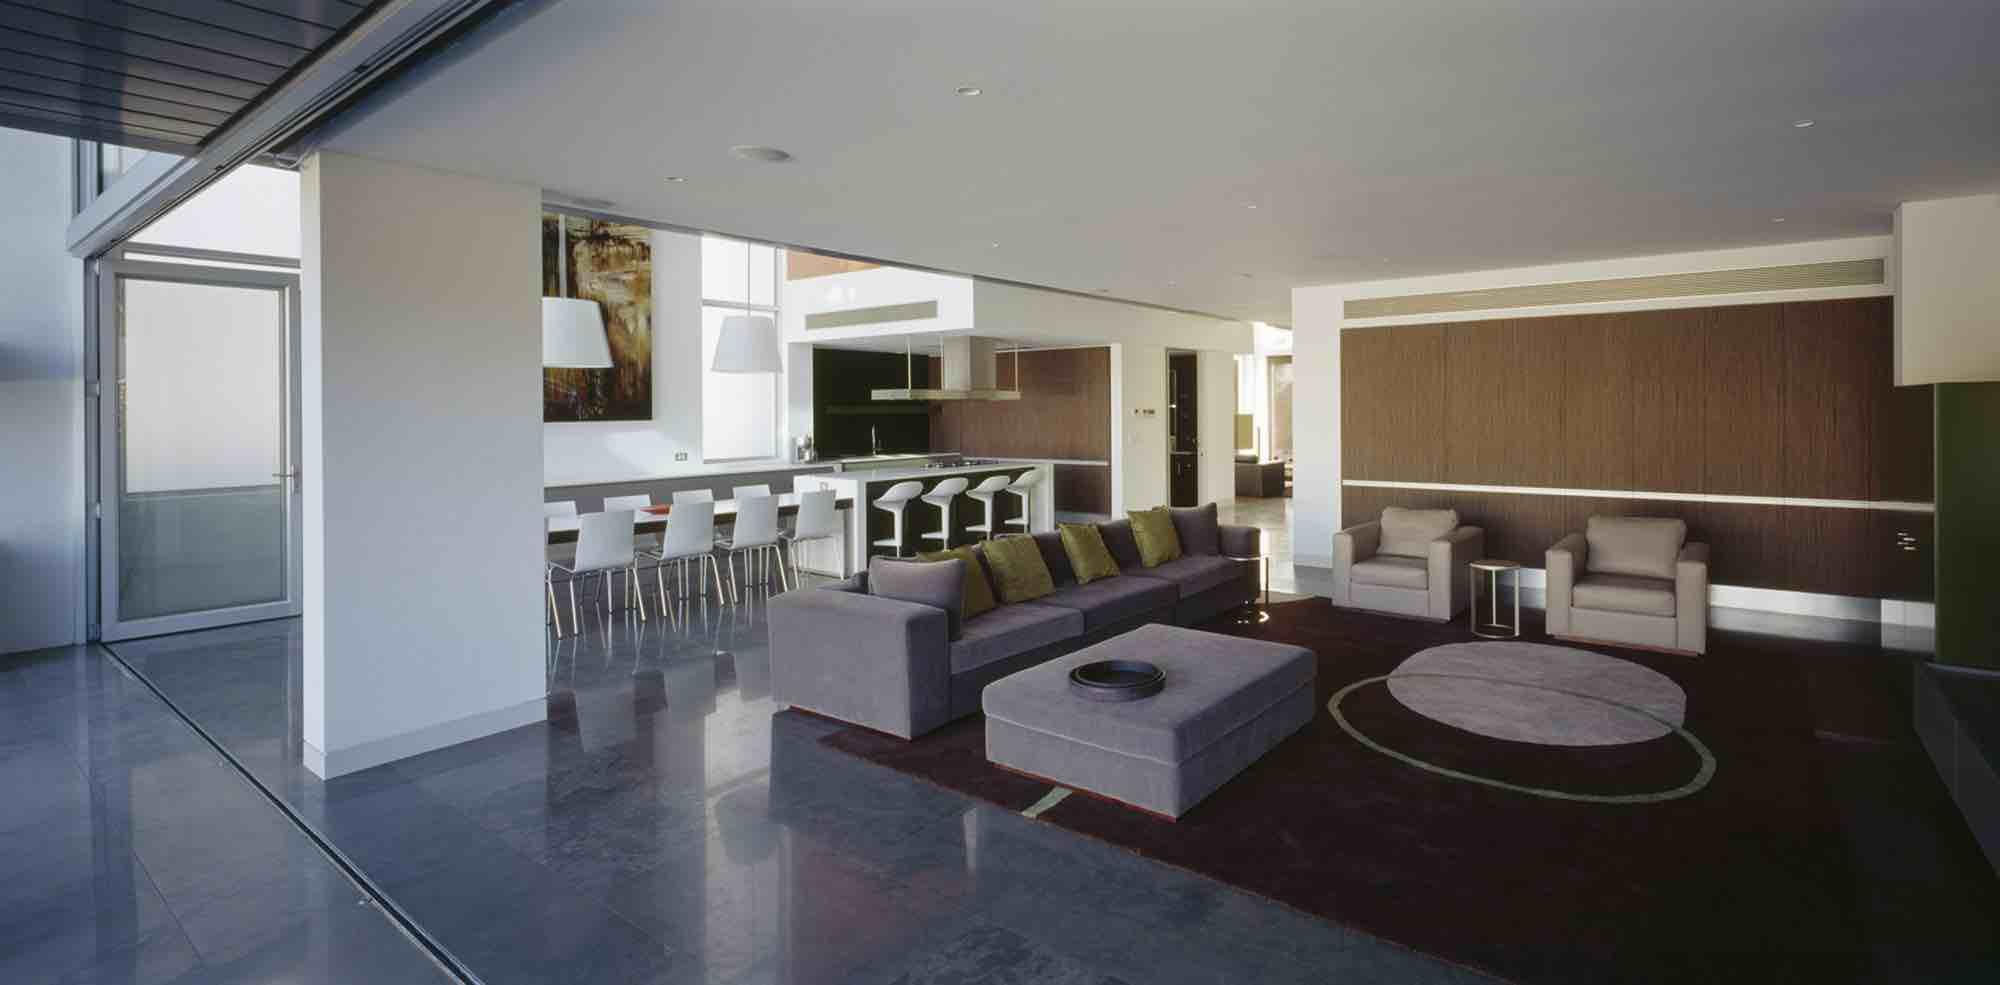 minosa-design-open-plan-high-ceiling-void-large-dinning-table-corian-benchtop-minosa-kitchen-gilda-03